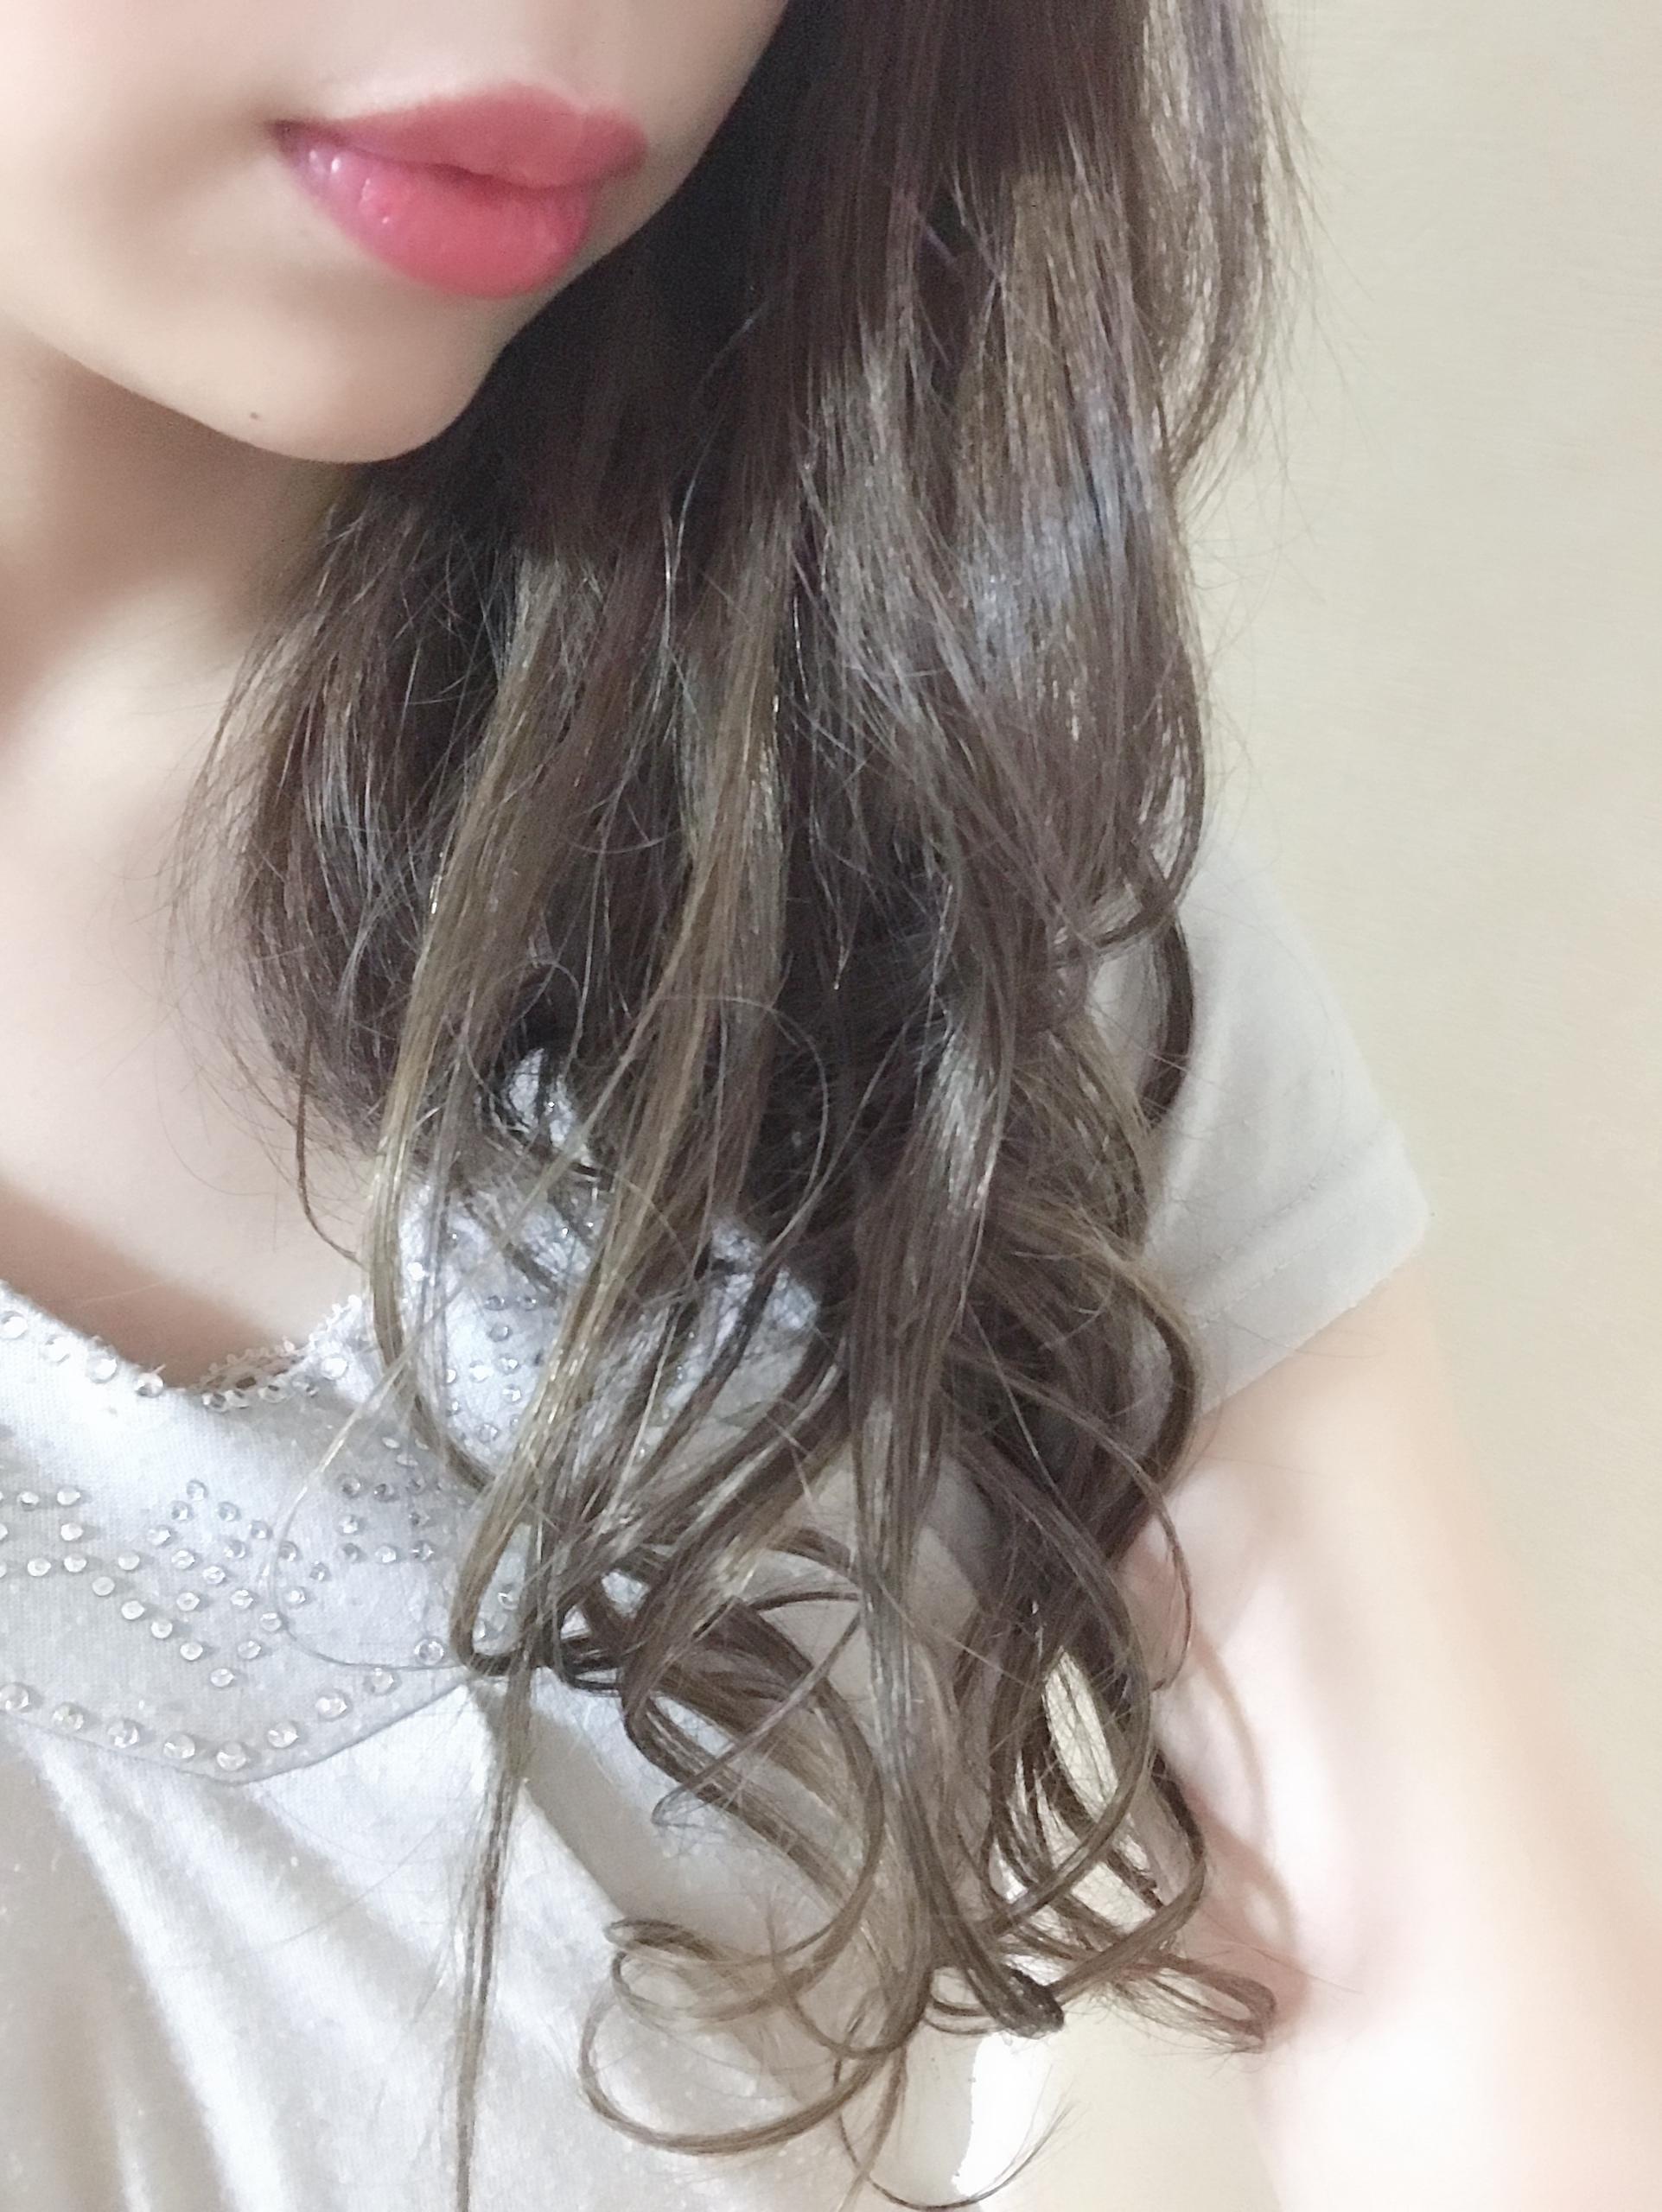 「こんばんは*̣̩⋆̩」12/17(月) 19:02 | 藤崎 あんりの写メ・風俗動画